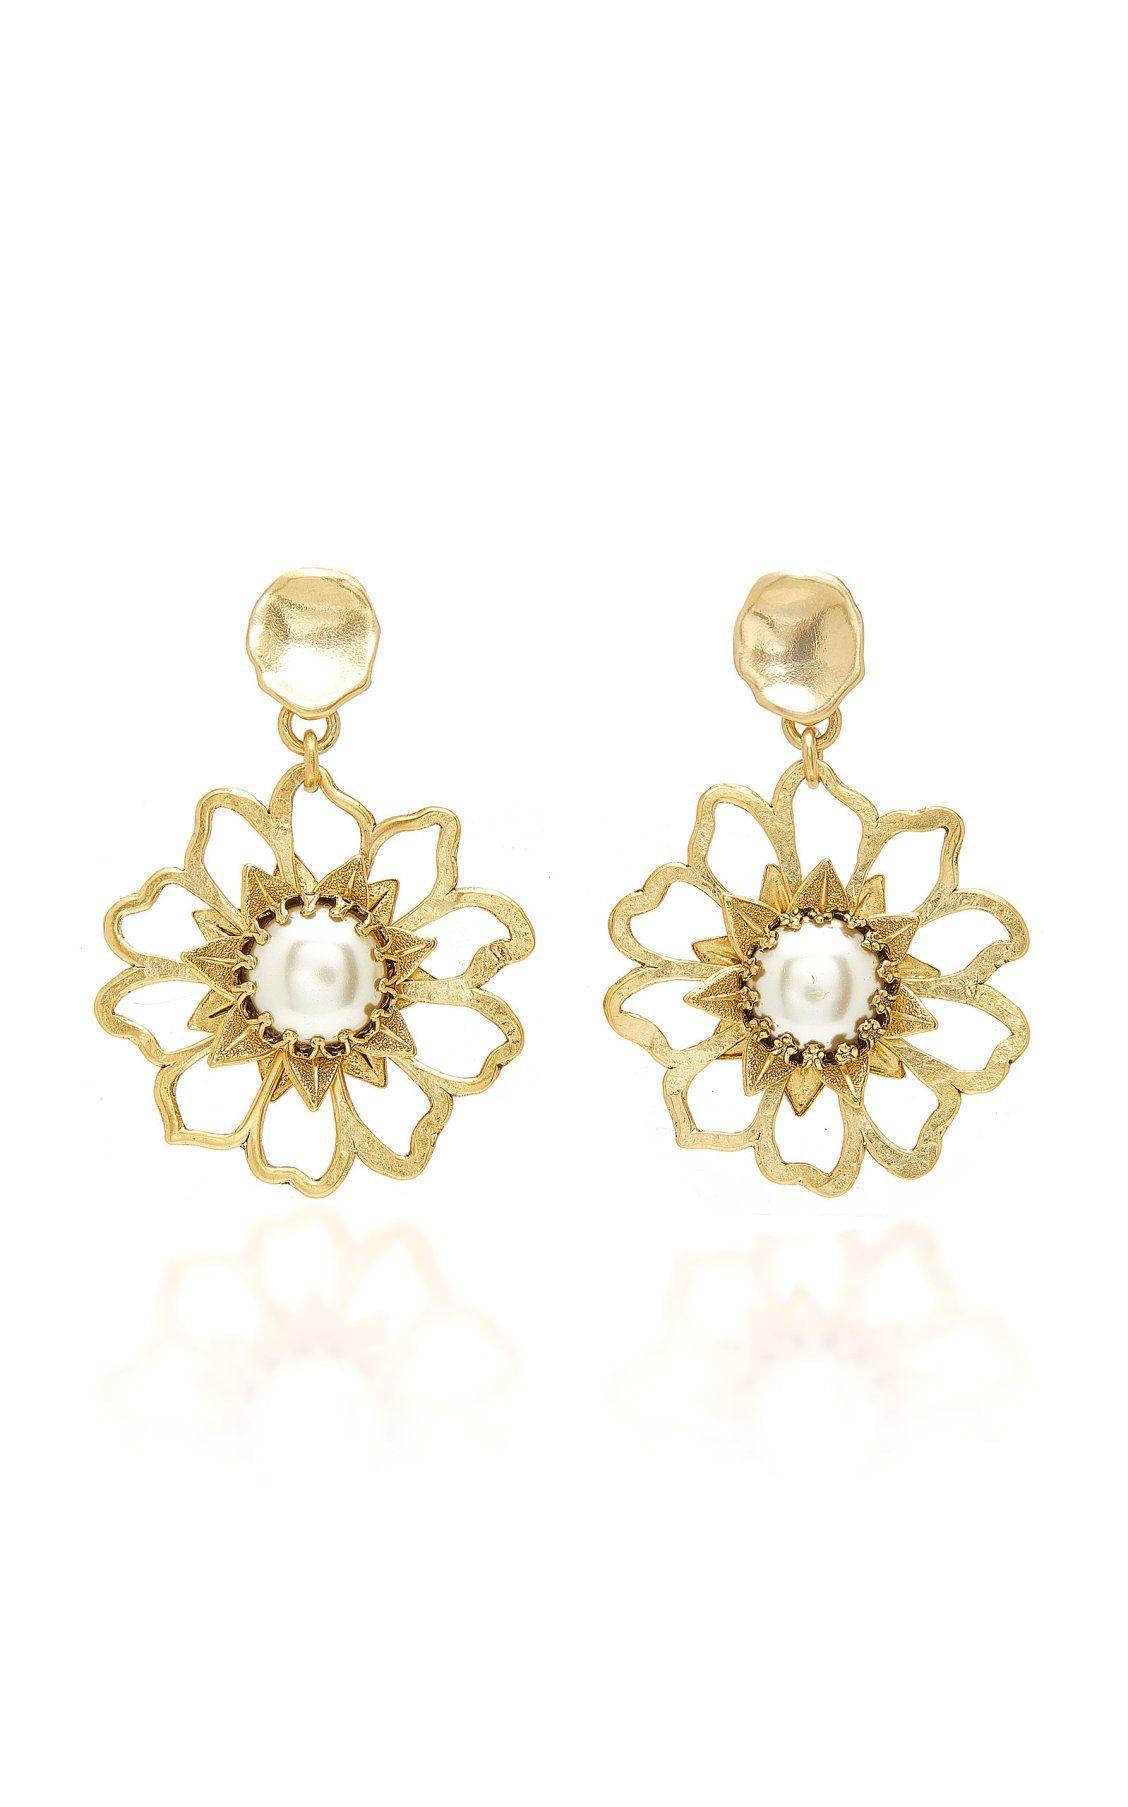 Mini Flower Power Earrings By Brinker Eliza Ss19 Earrings Jewelry Stud Earrings